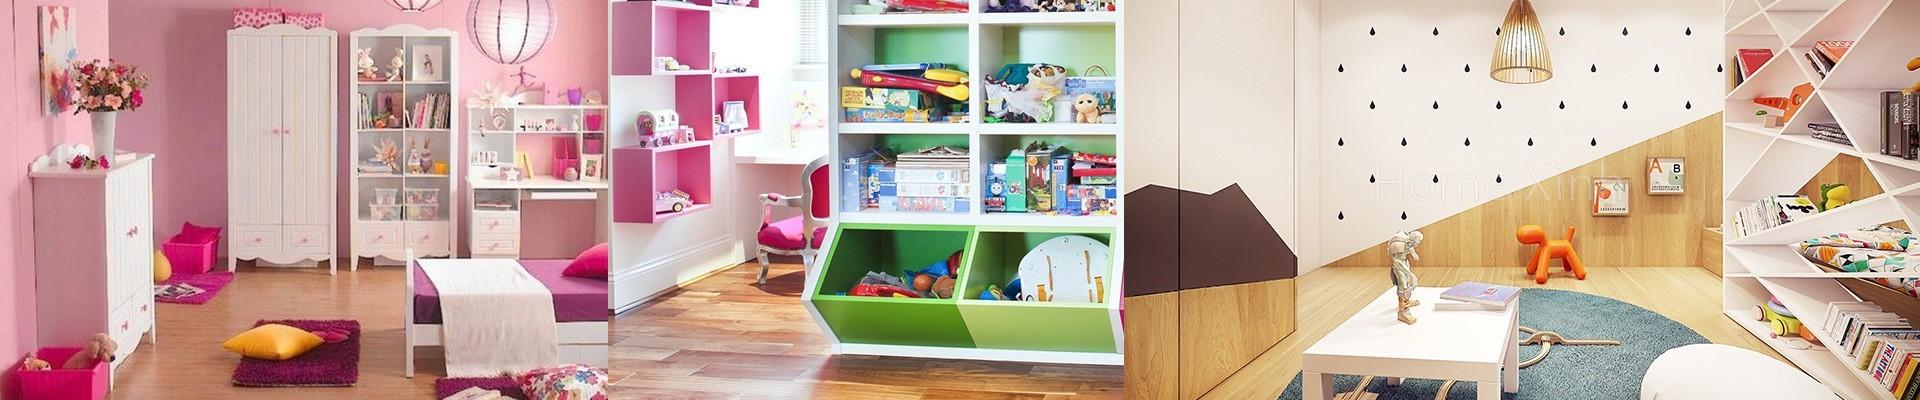 Đồ trang trí cho phòng ngủ trẻ em luôn được coi trọng nhất